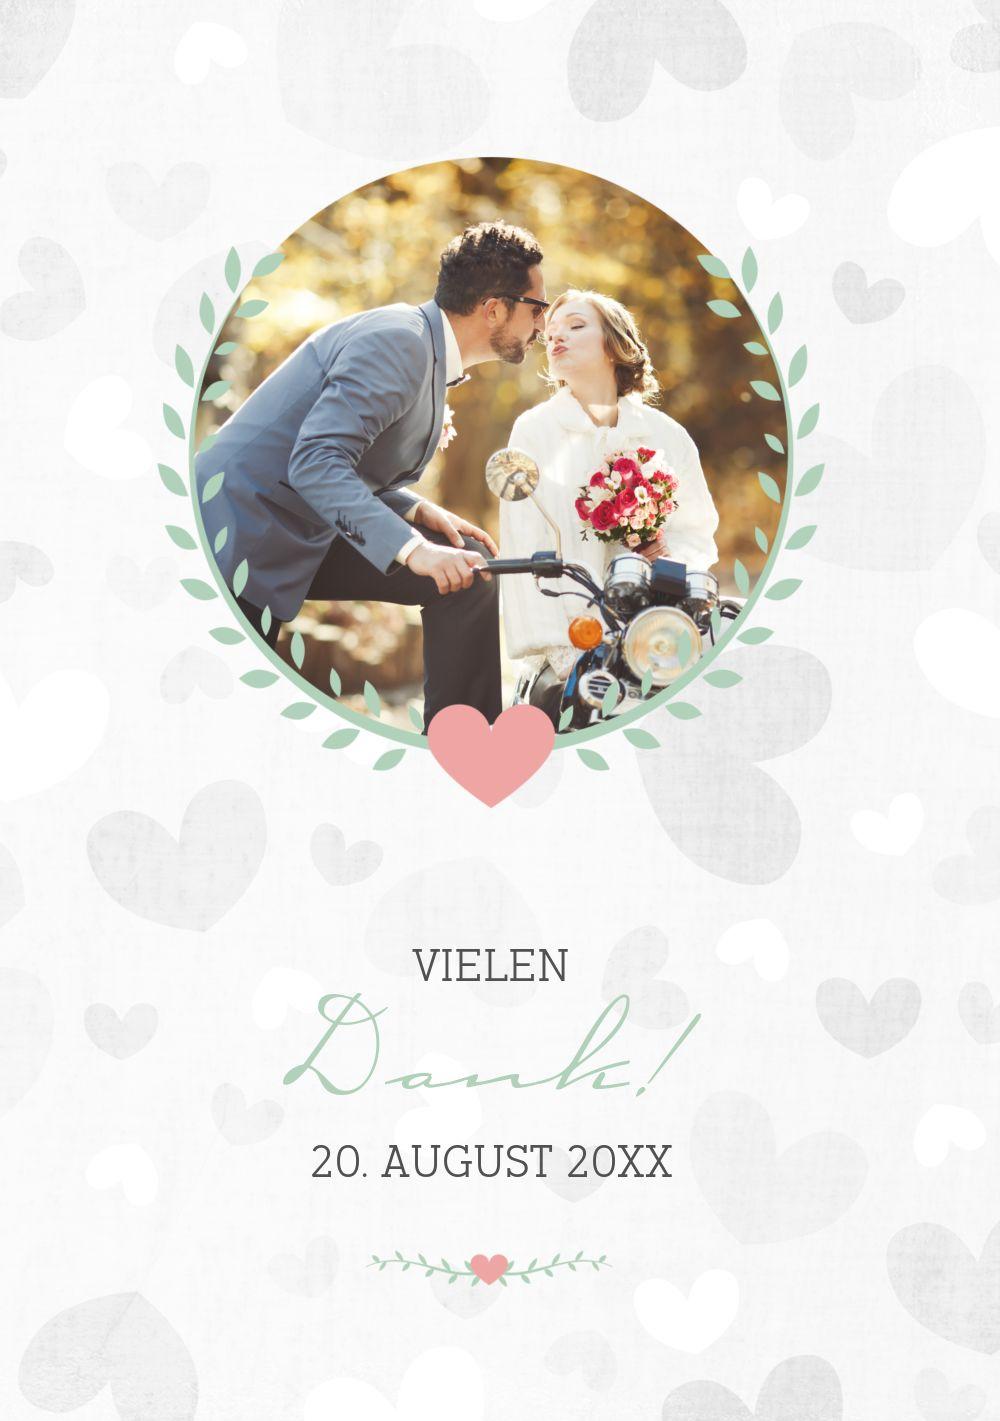 Ansicht 3 - Hochzeit Dankeskarte Zarte Ranke